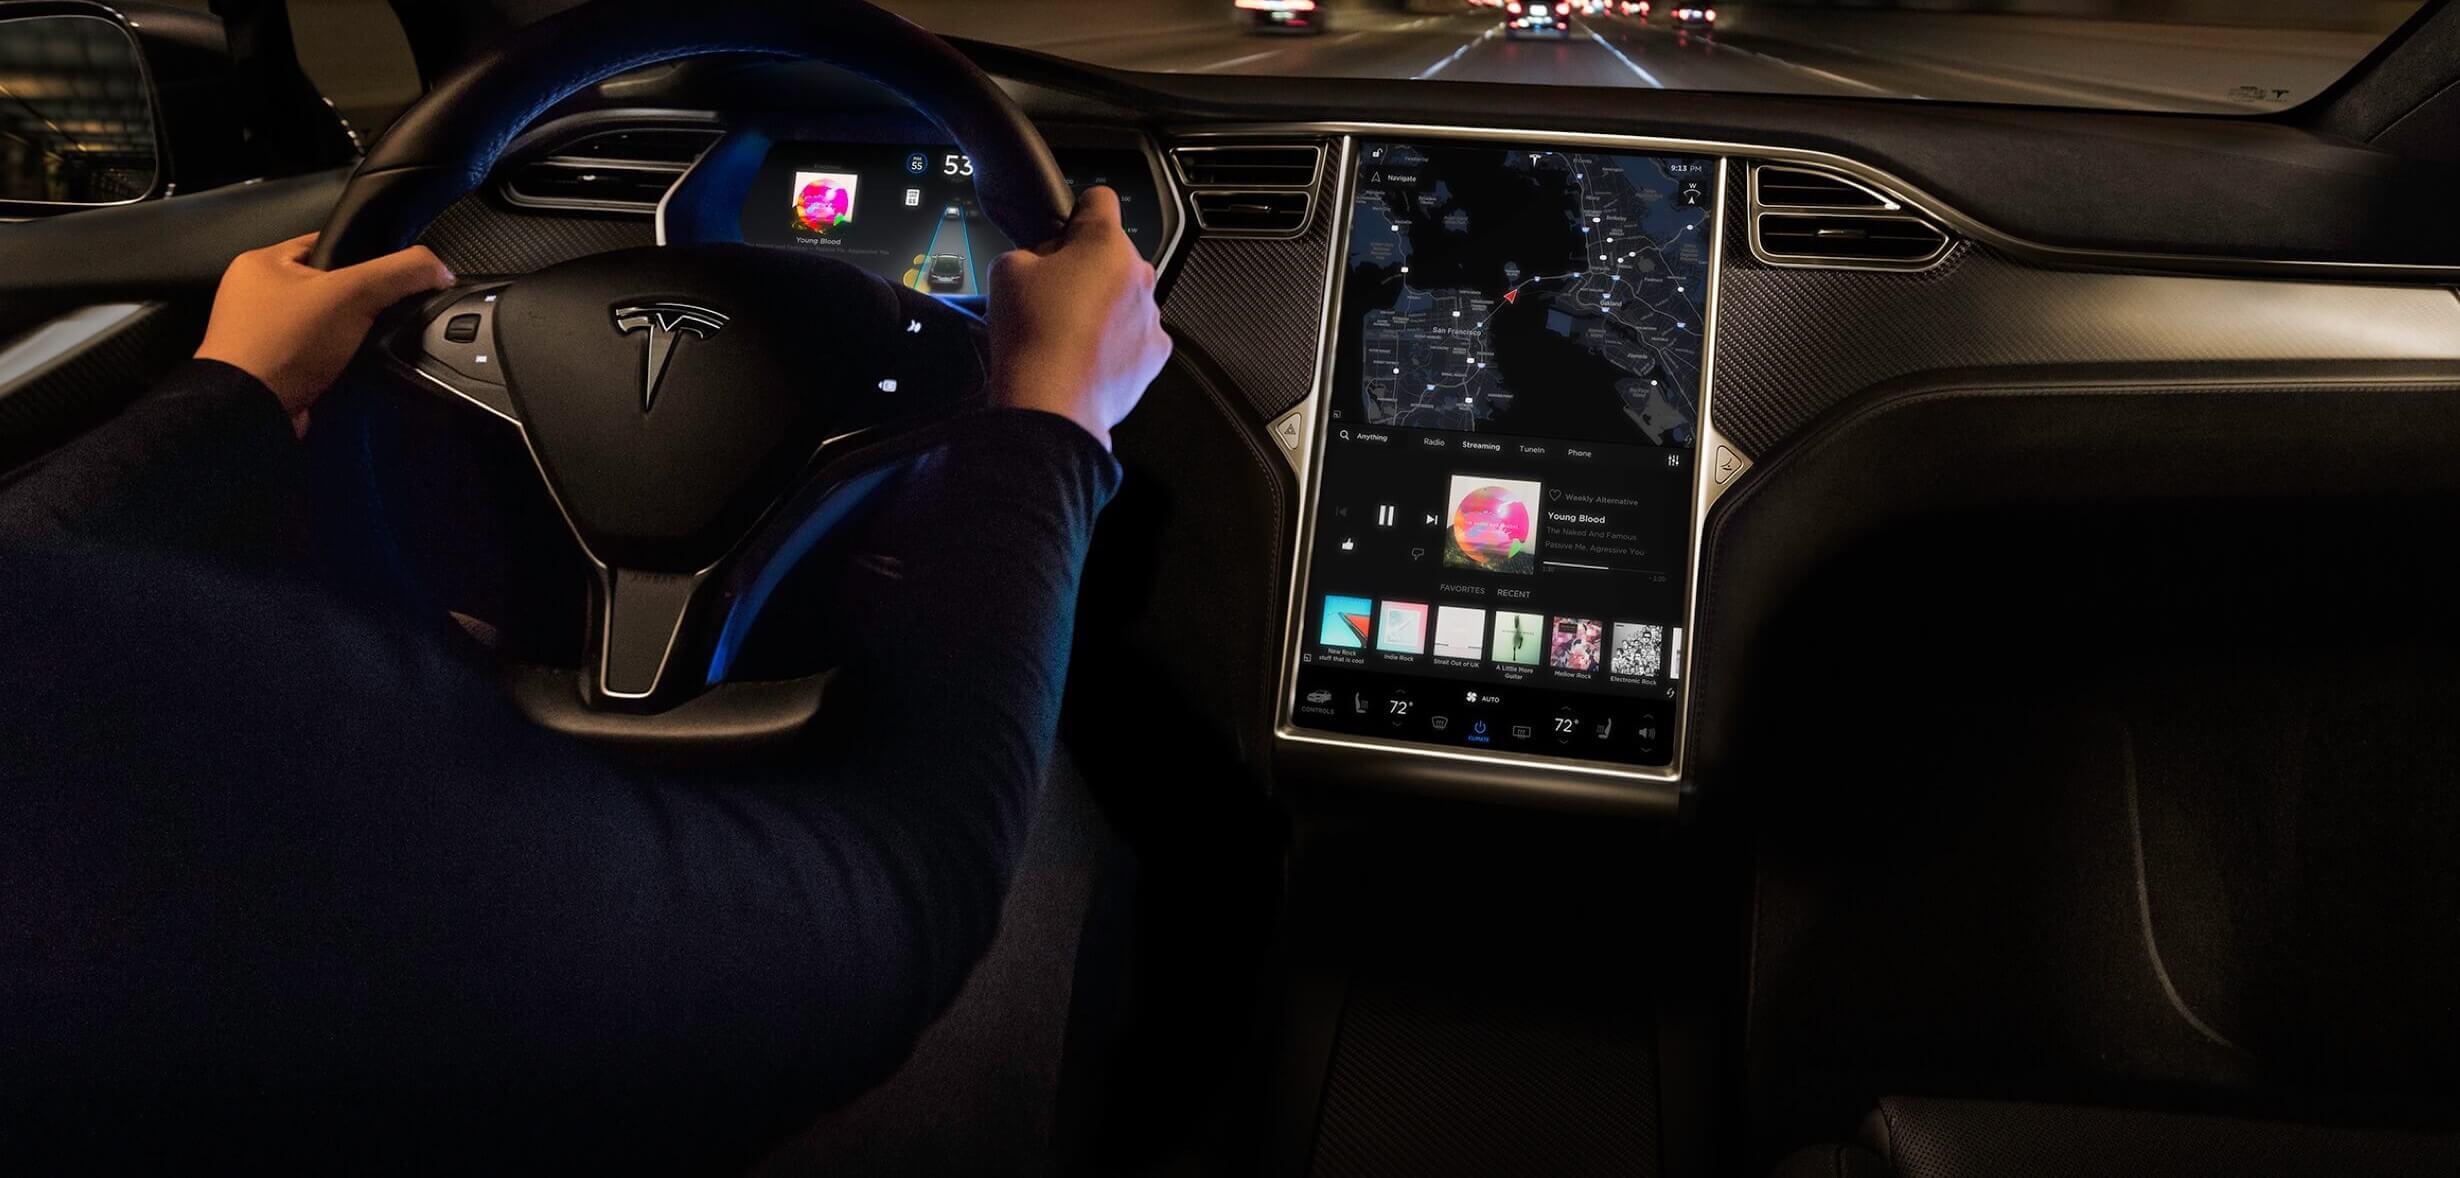 Електрокари Tesla незабаром отримають нову навігацію